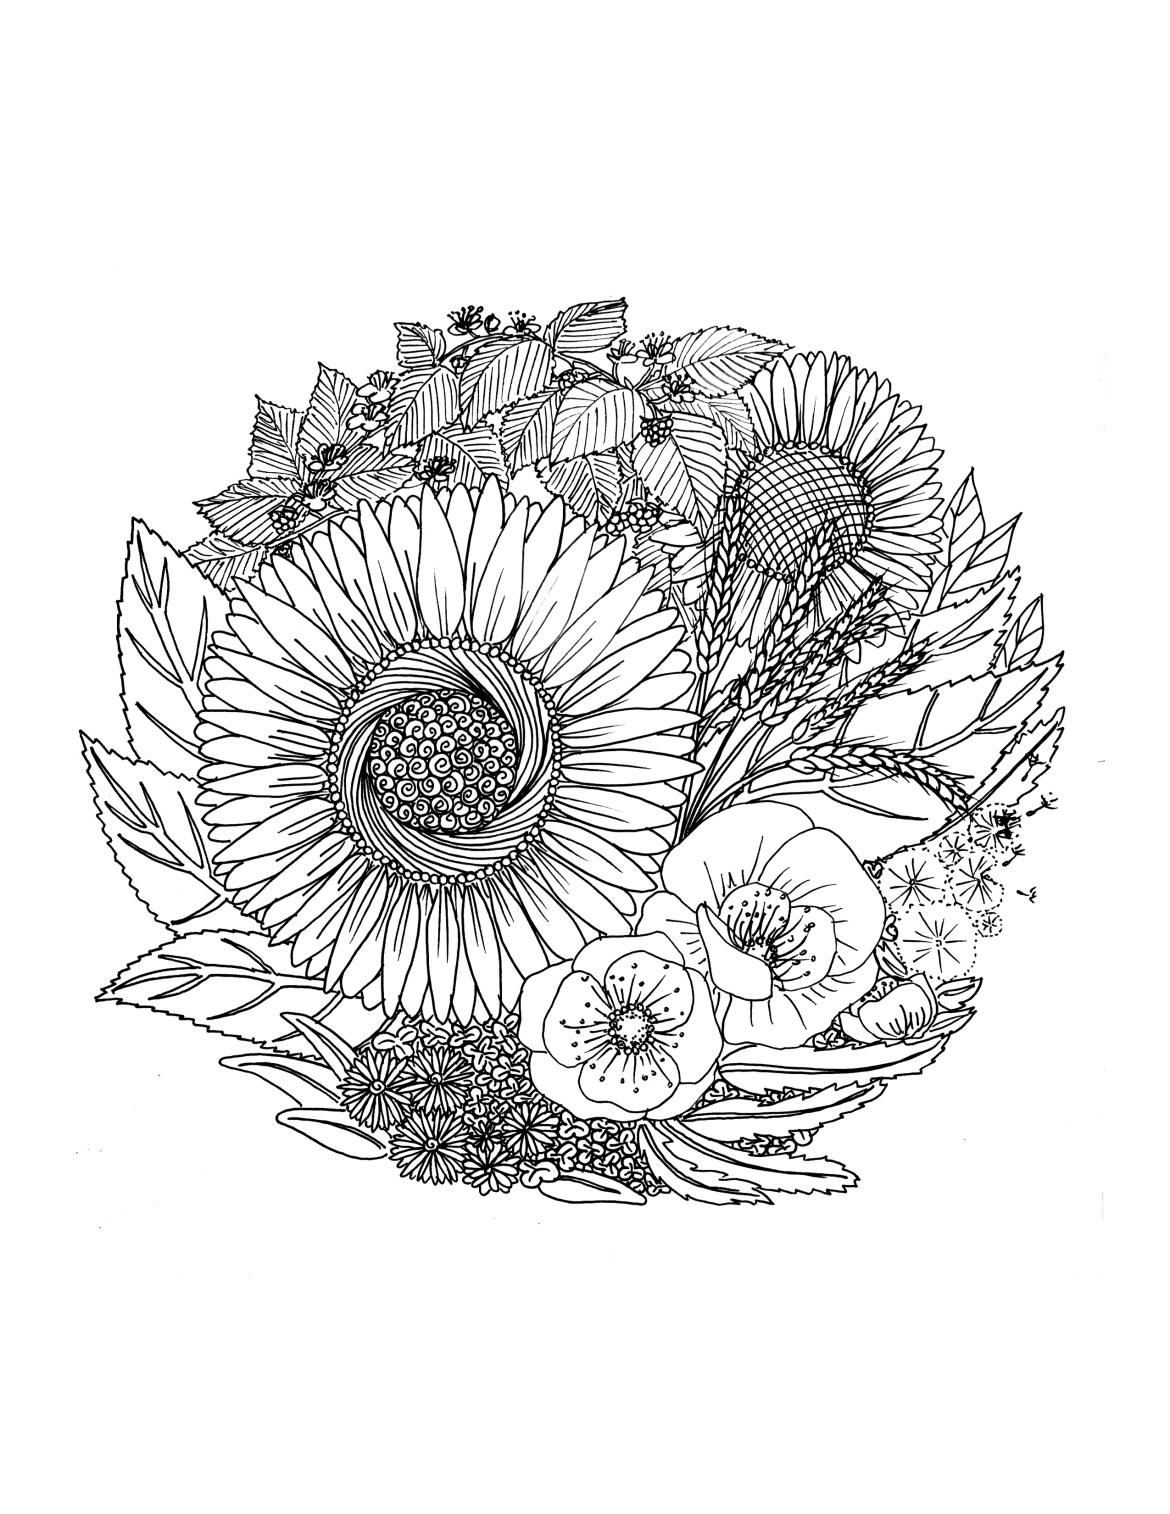 Coloriage Gratuit Fleurs Imprimer.Coloriage Gratuit A Imprimer Fleurs Par Chocobo Artherapie Ca